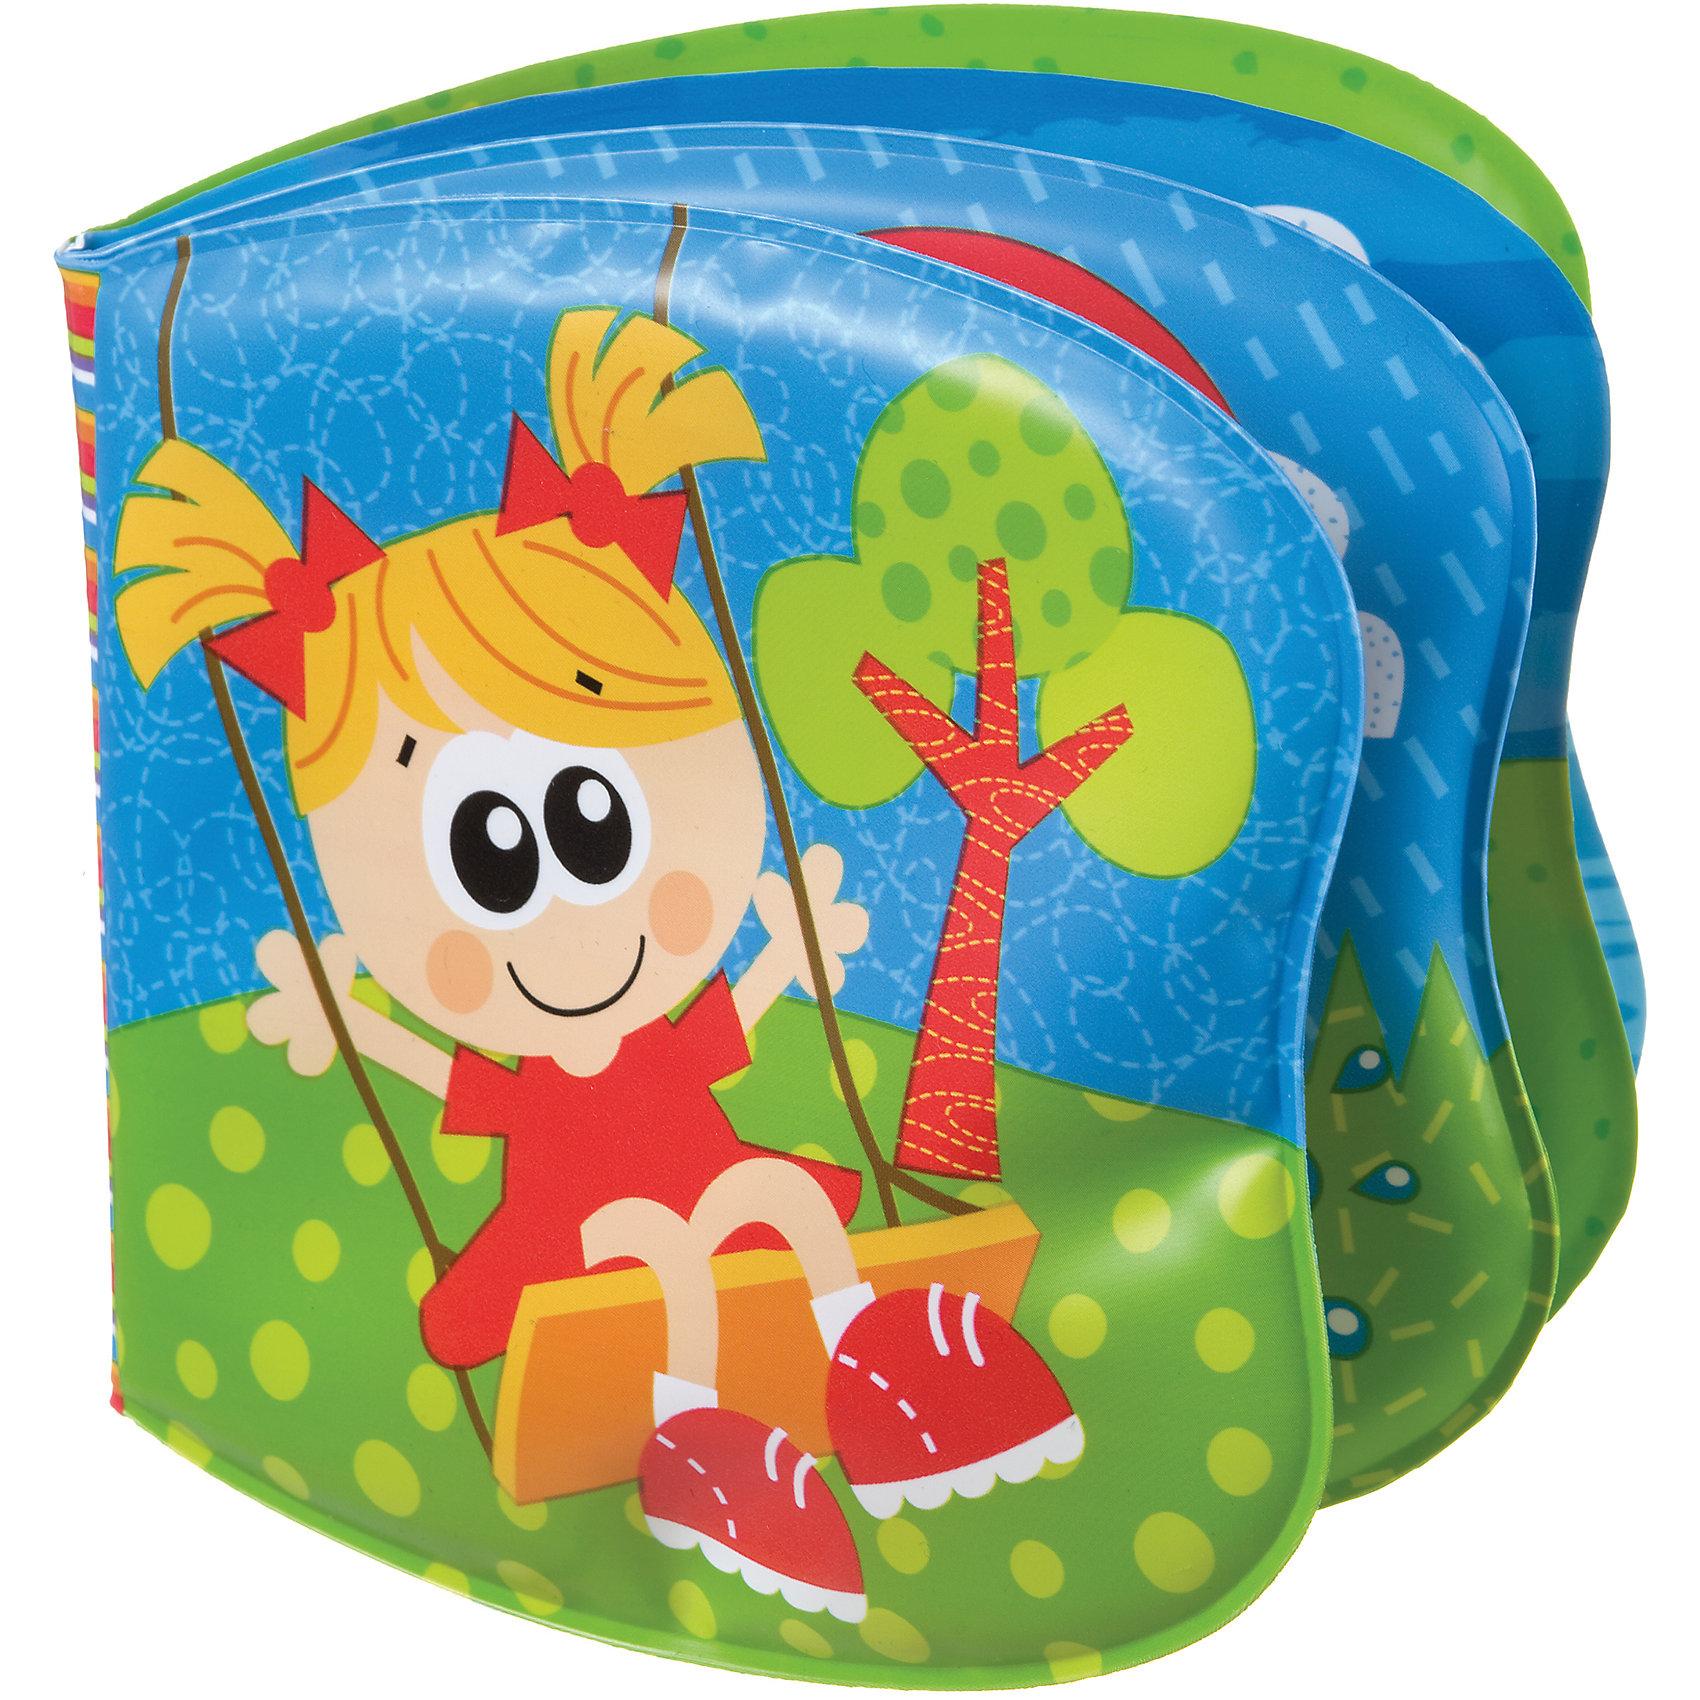 Книжка-пищалка, PlaygroВодостойкая книжка-пищалка Playgro развеселит малыша во время водных процедур, ведь в ней содержится столько интересного. Страницы книги украшены яркими иллюстрациями. На одной из них находится пищалка, которая развеселит малыша и будет способствовать развитию слухового восприятия.<br><br>Дополнительная информация:<br><br>- Возраст: от 6 месяцев до 3 лет<br>- Материал: пвх-пластизоль<br>- Размер: 18х14х2 см<br>- Вес: 0.04 кг<br><br>Книжку-пищалку, Playgro можно купить в нашем интернет-магазине.<br><br>Ширина мм: 185<br>Глубина мм: 140<br>Высота мм: 20<br>Вес г: 40<br>Возраст от месяцев: 6<br>Возраст до месяцев: 36<br>Пол: Женский<br>Возраст: Детский<br>SKU: 4779536